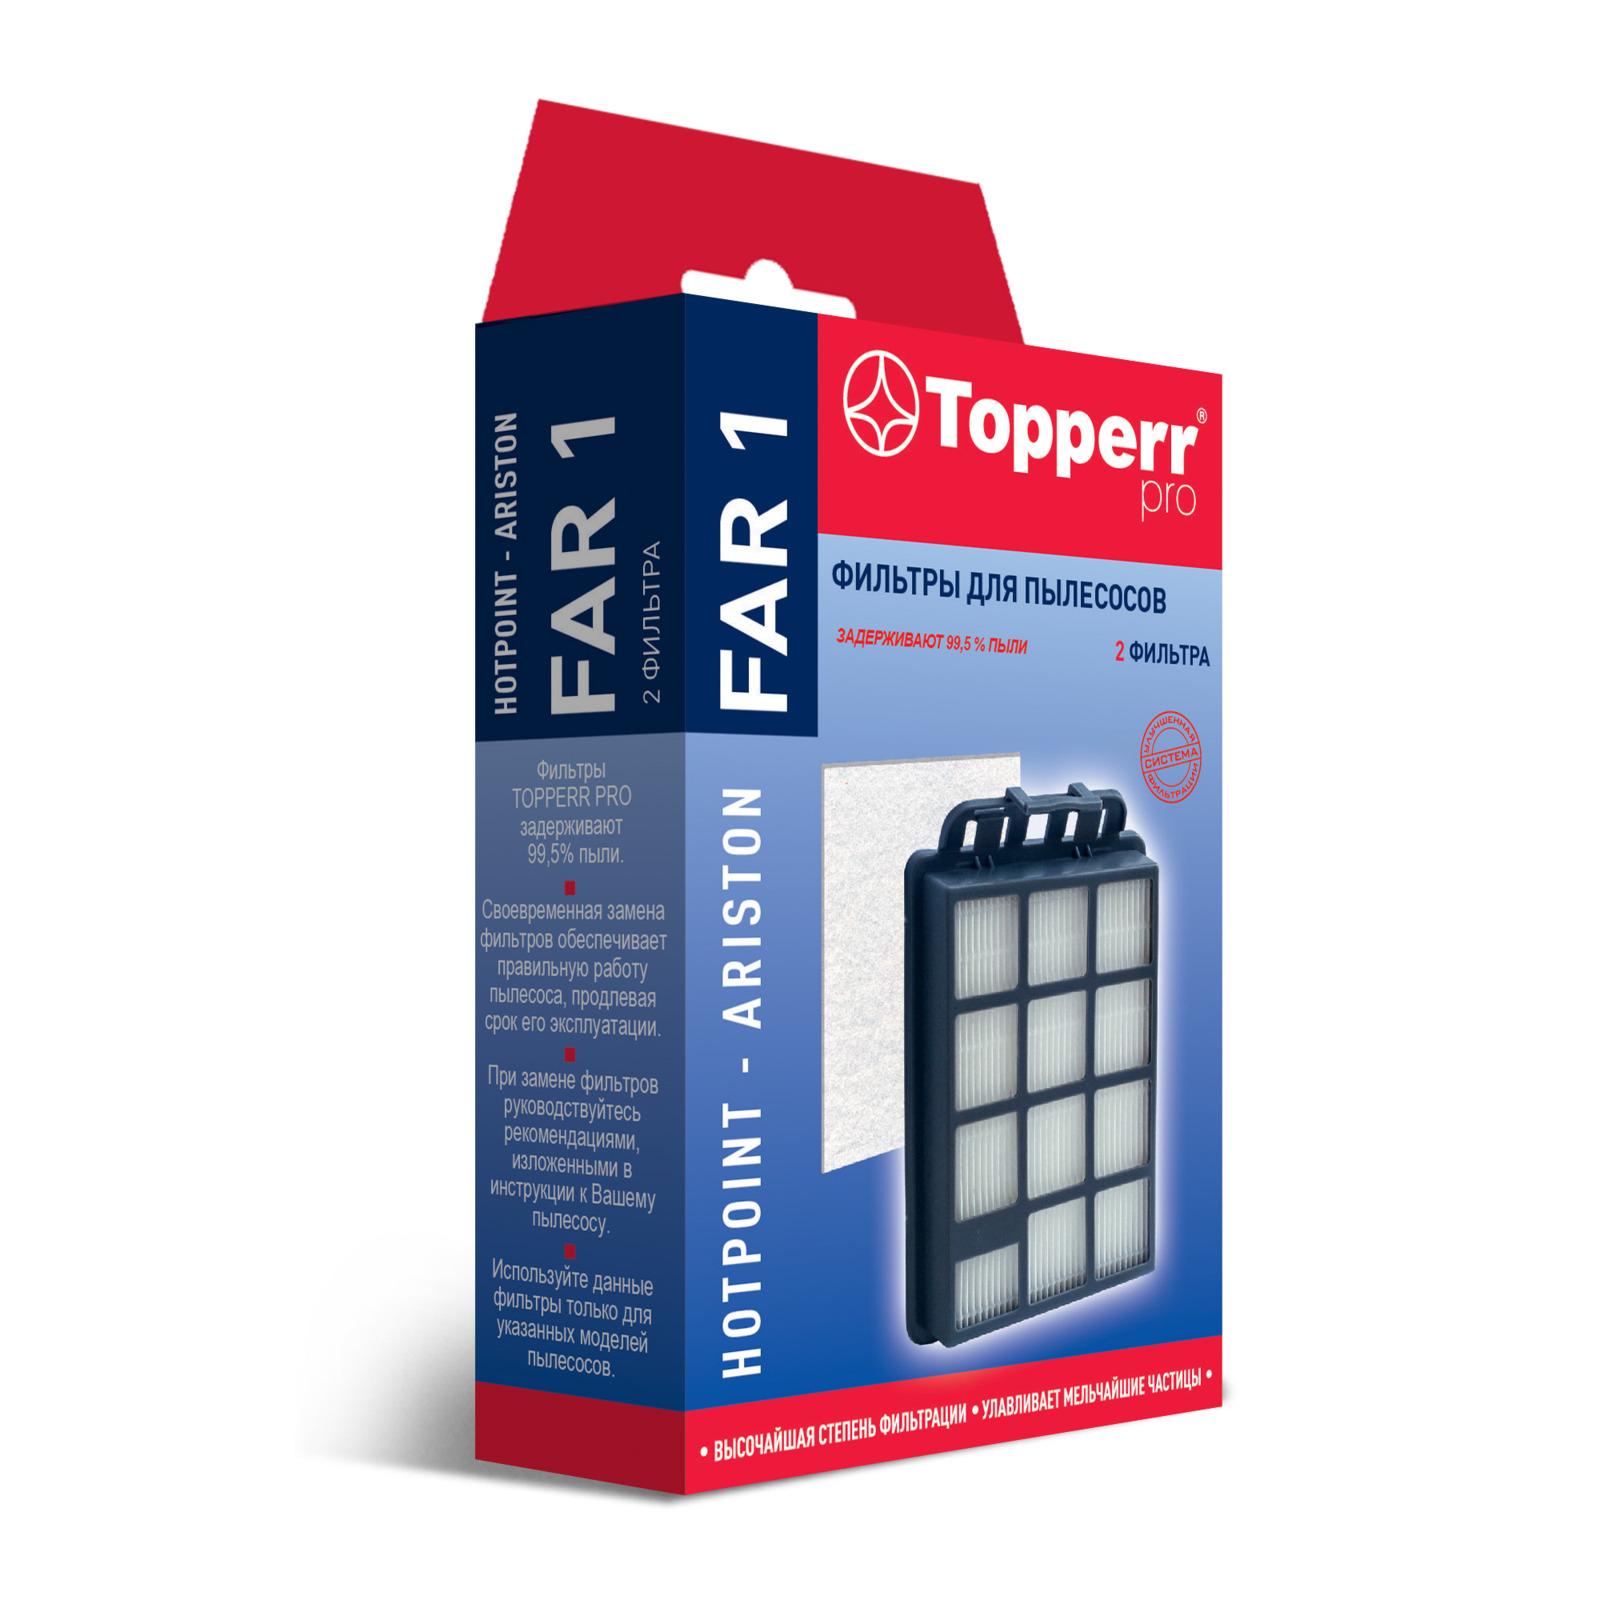 Фильтры Topperr Pro 1161 FAR 1, для пылесоса Hotpoint-Ariston, 2 шт все цены